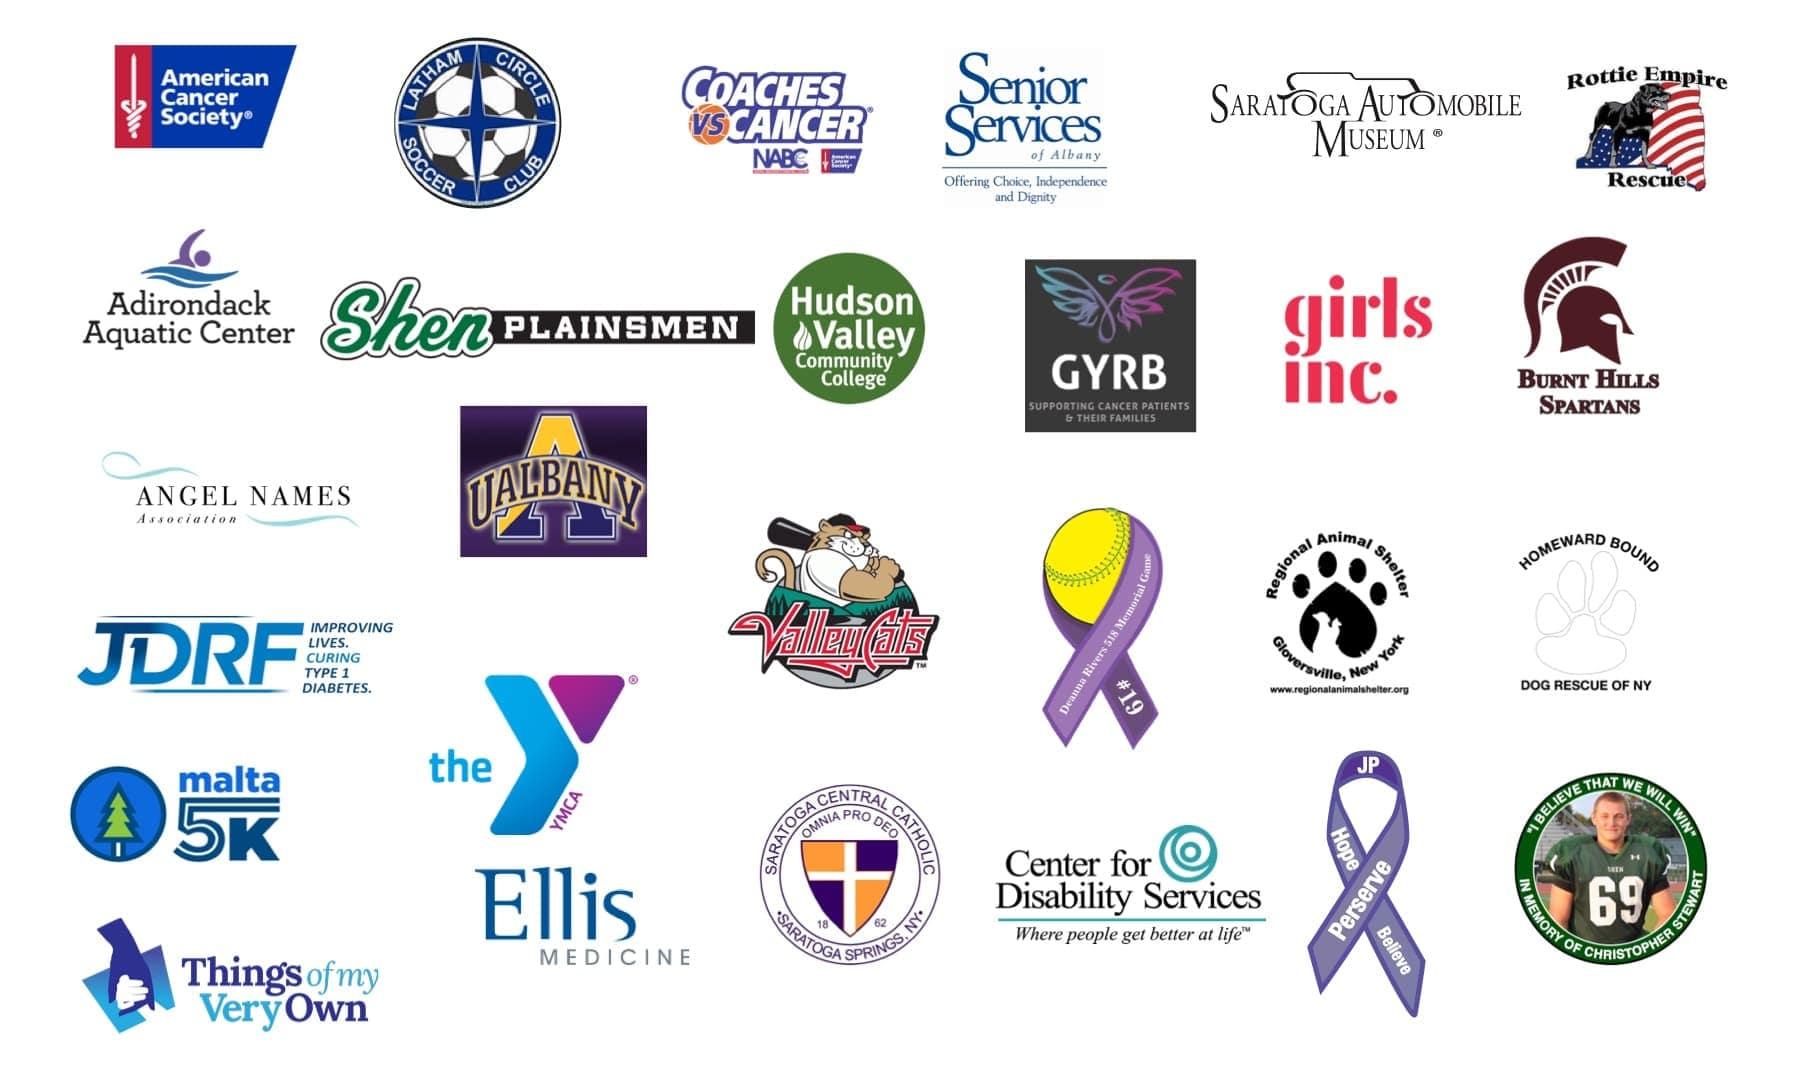 Charities we sponsor